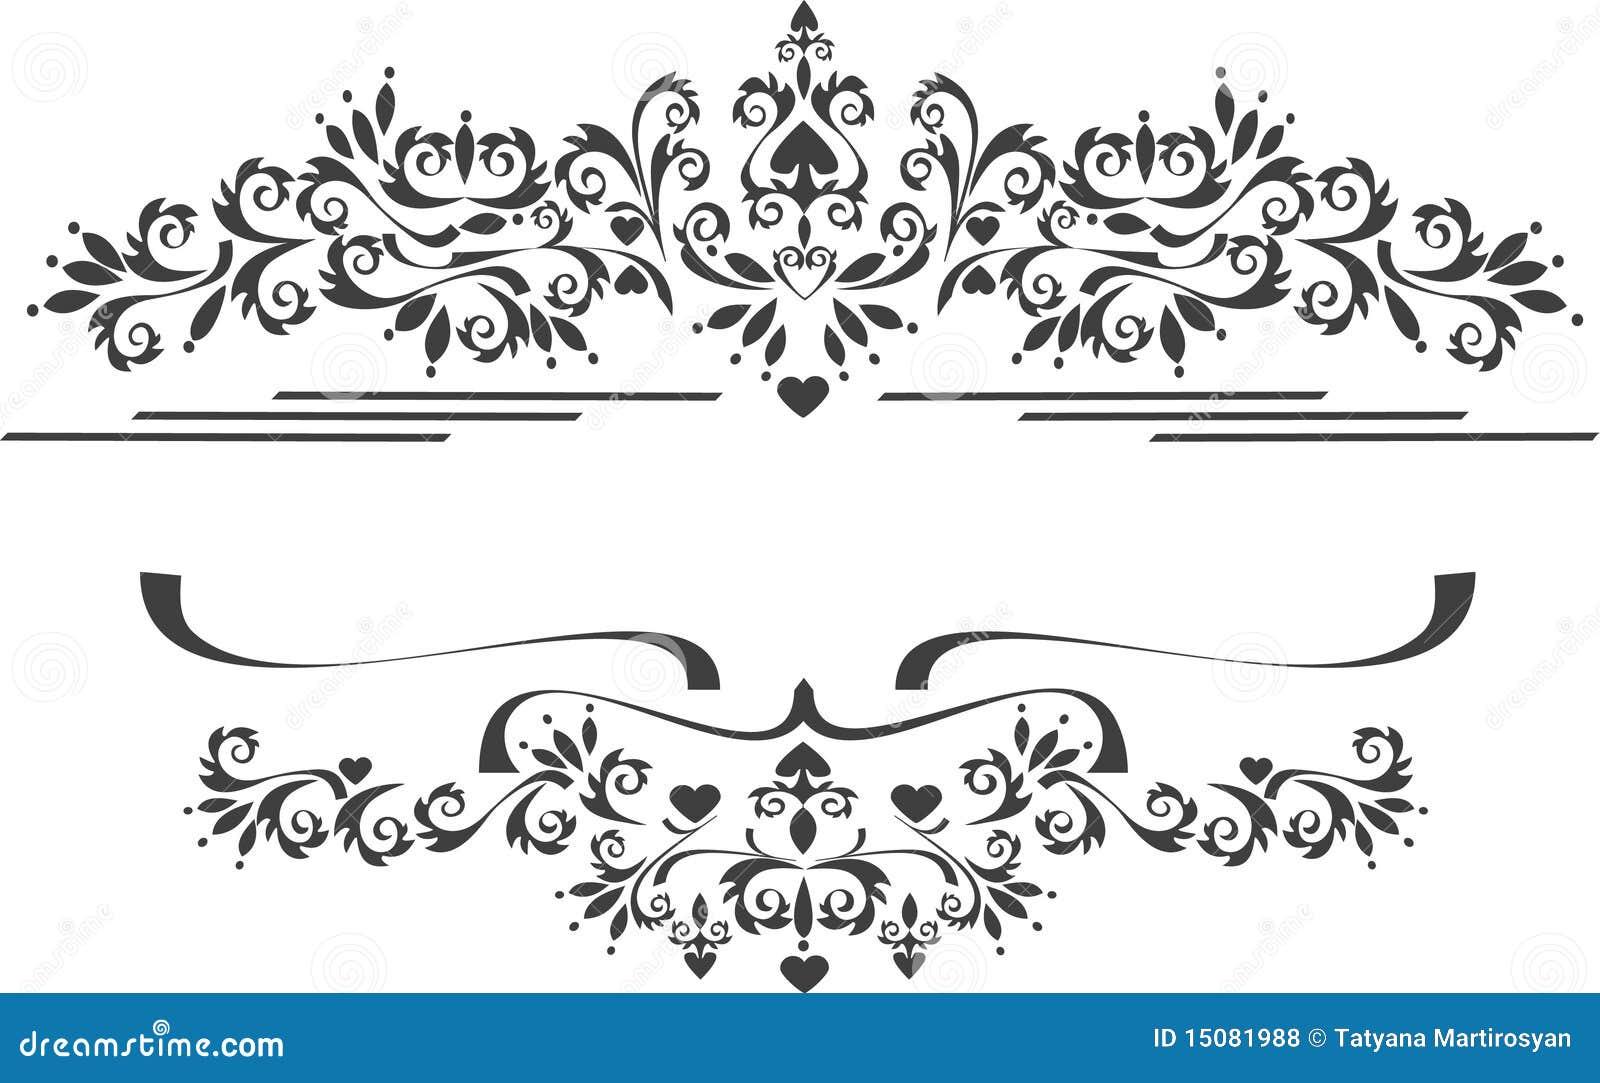 Decorative Ornament Border , Frame. Graphic Arts. Stock Vector ...